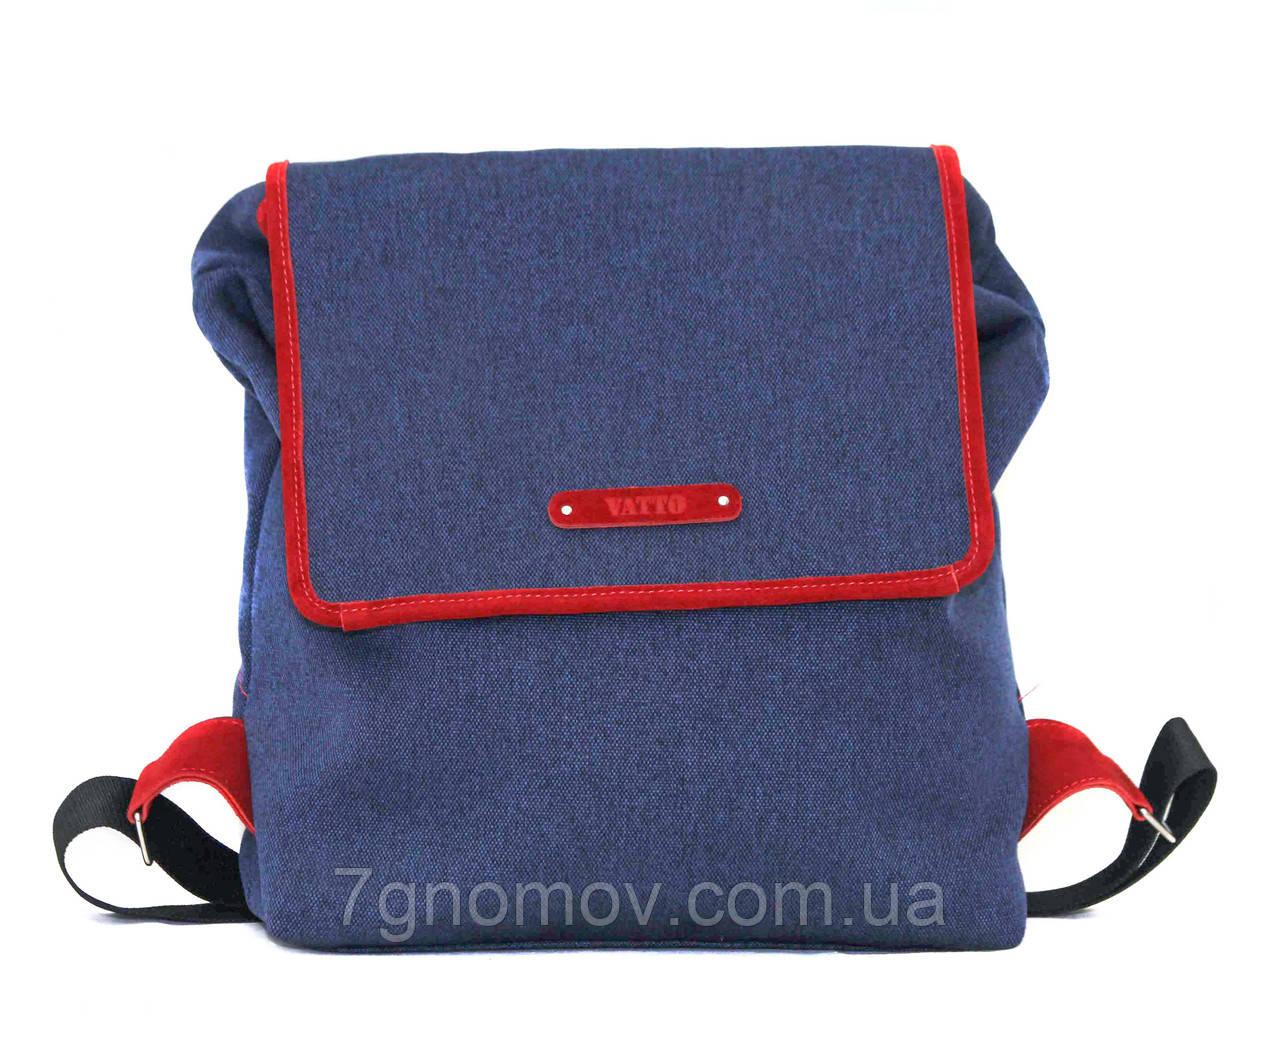 Рюкзак текстильный VATTO MT26 Man15Kaz580